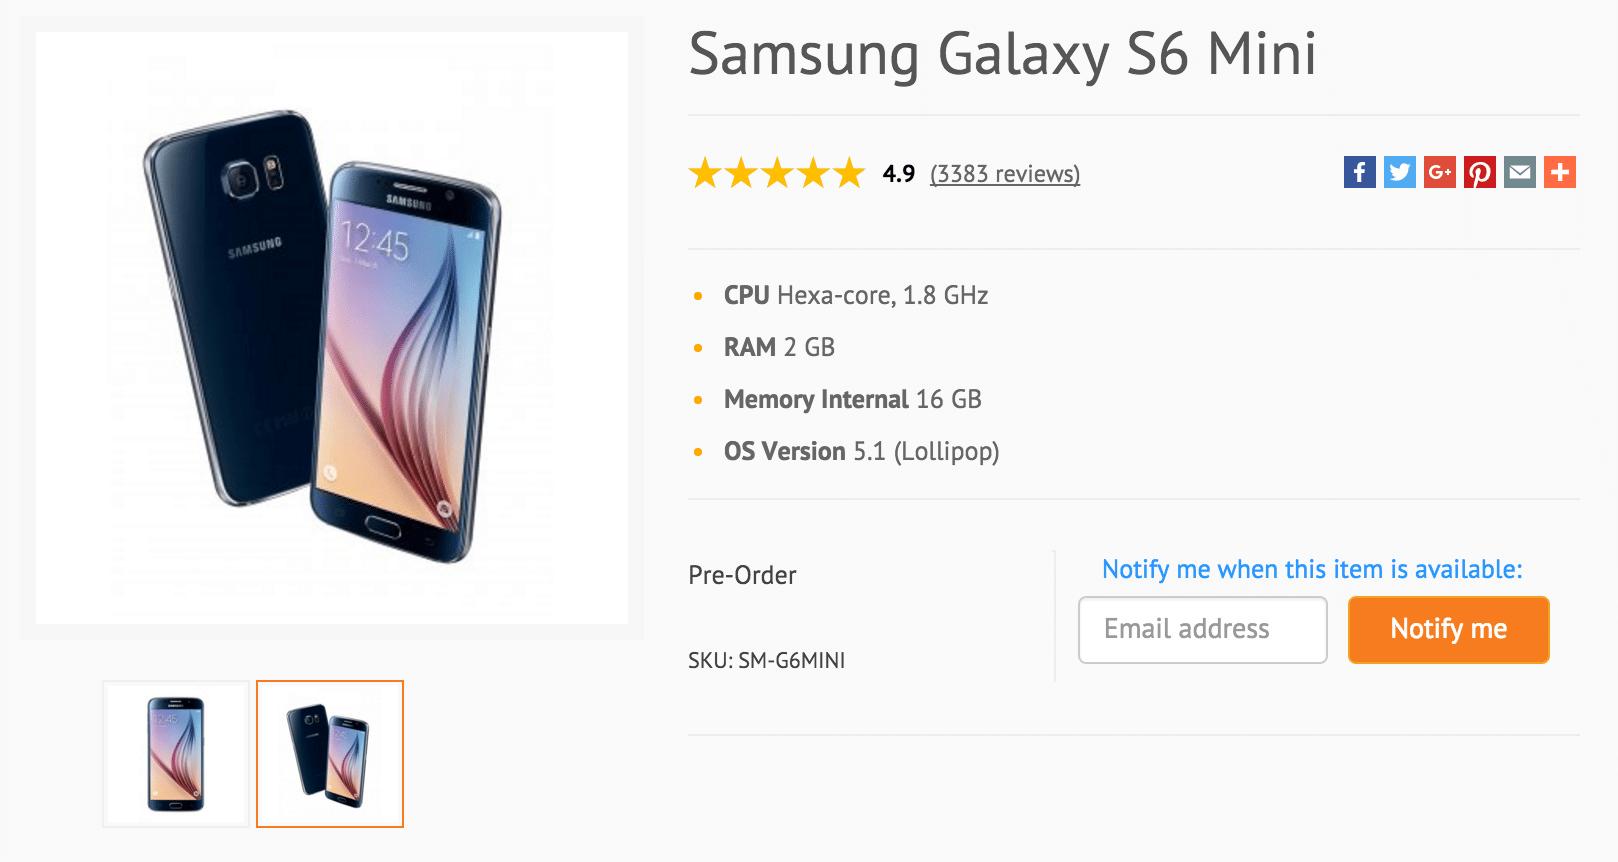 Galaxy S6 Mini